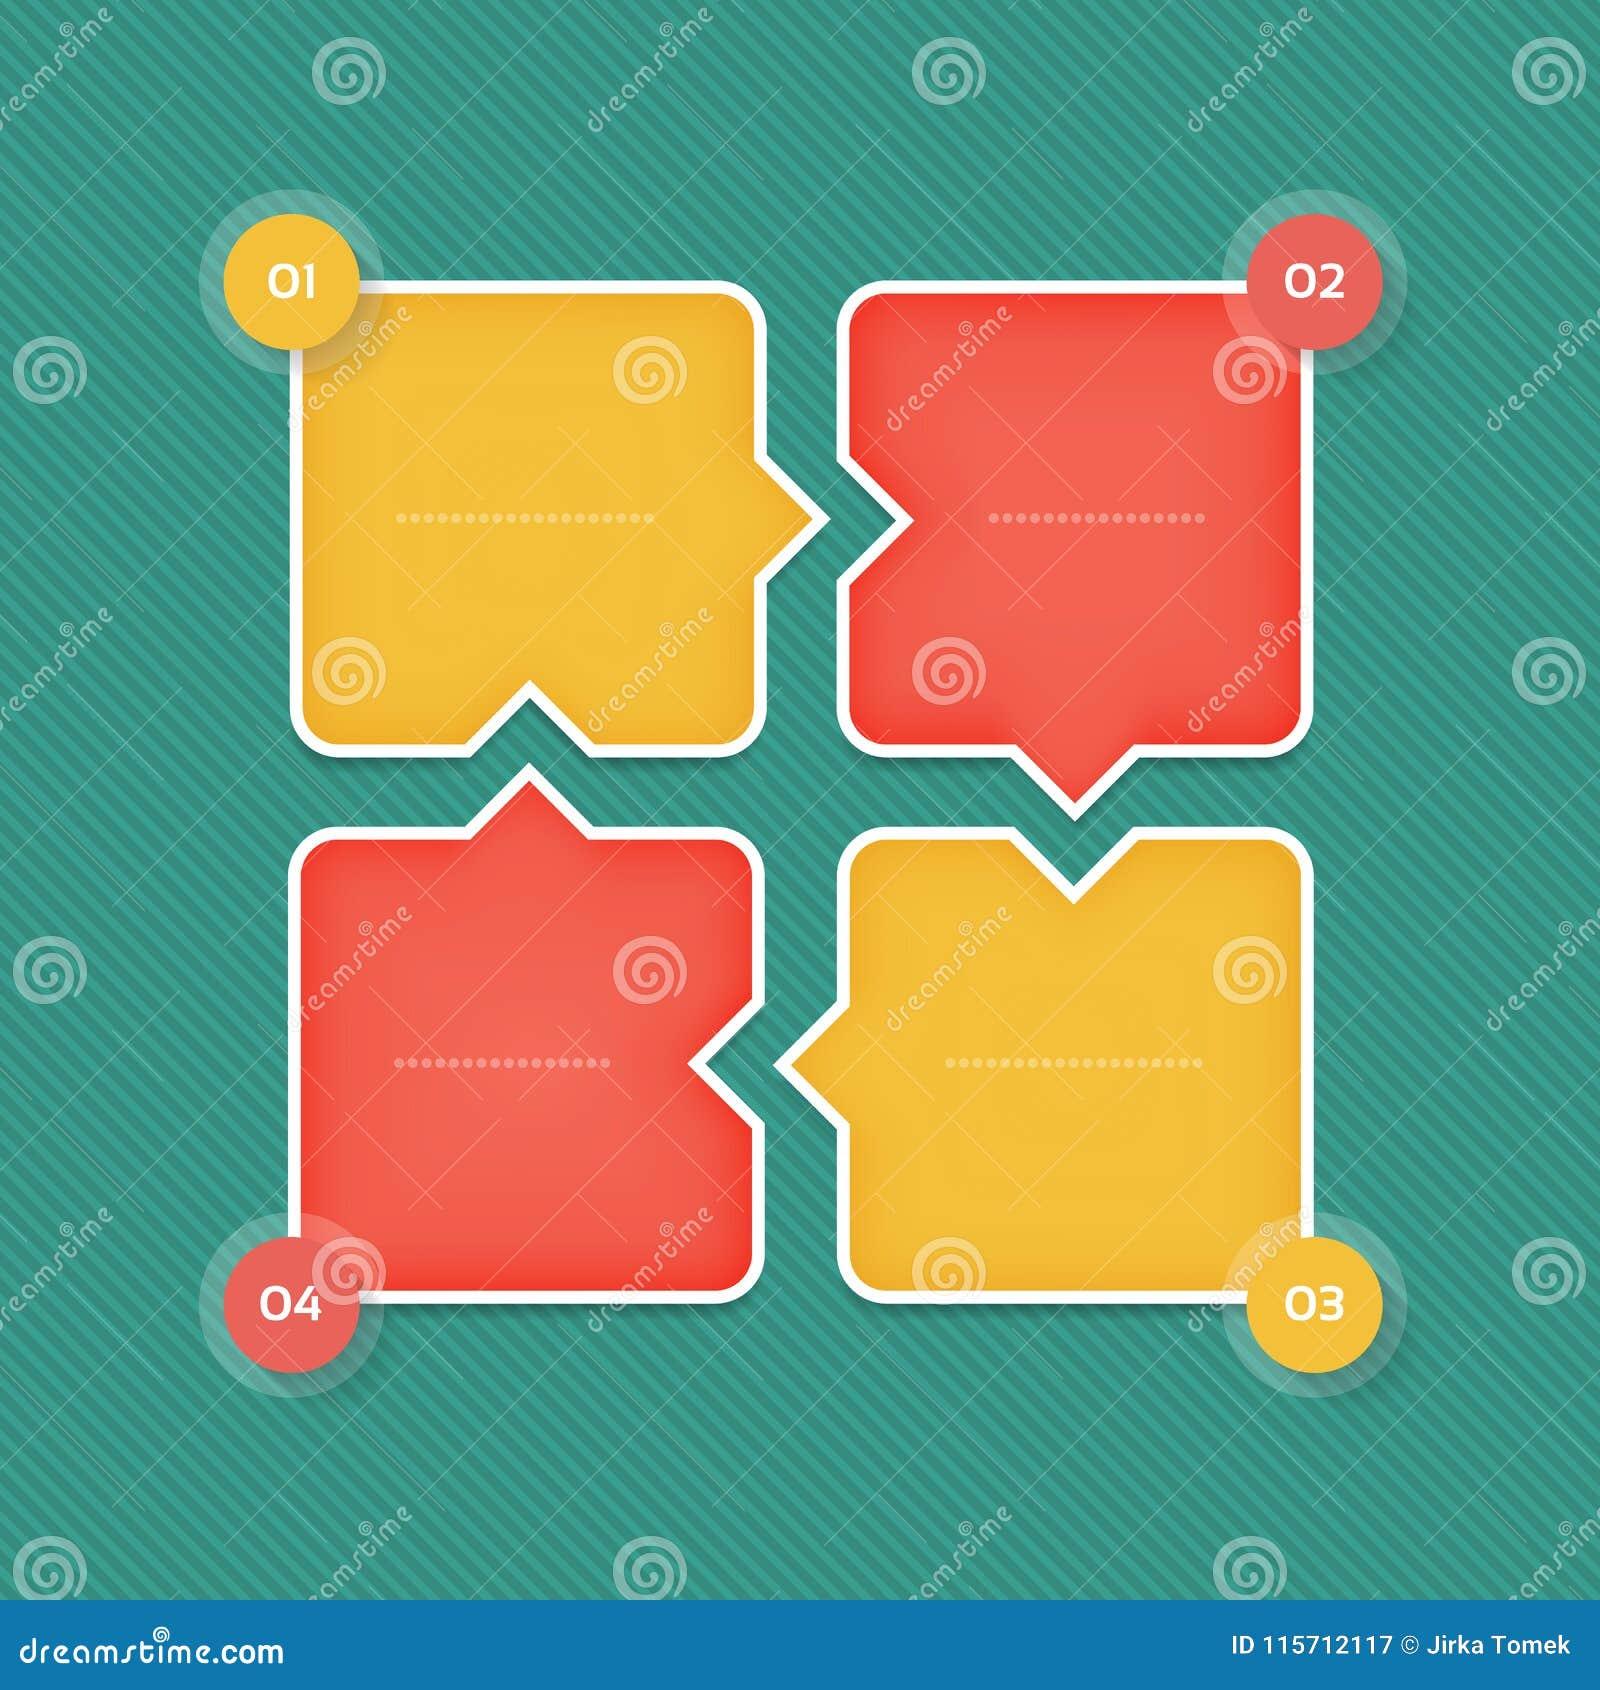 Διανυσματικό infographic πρότυπο για το διάγραμμα, τη γραφική παράσταση, την παρουσίαση και το διάγραμμα Επιχειρησιακή έννοια με